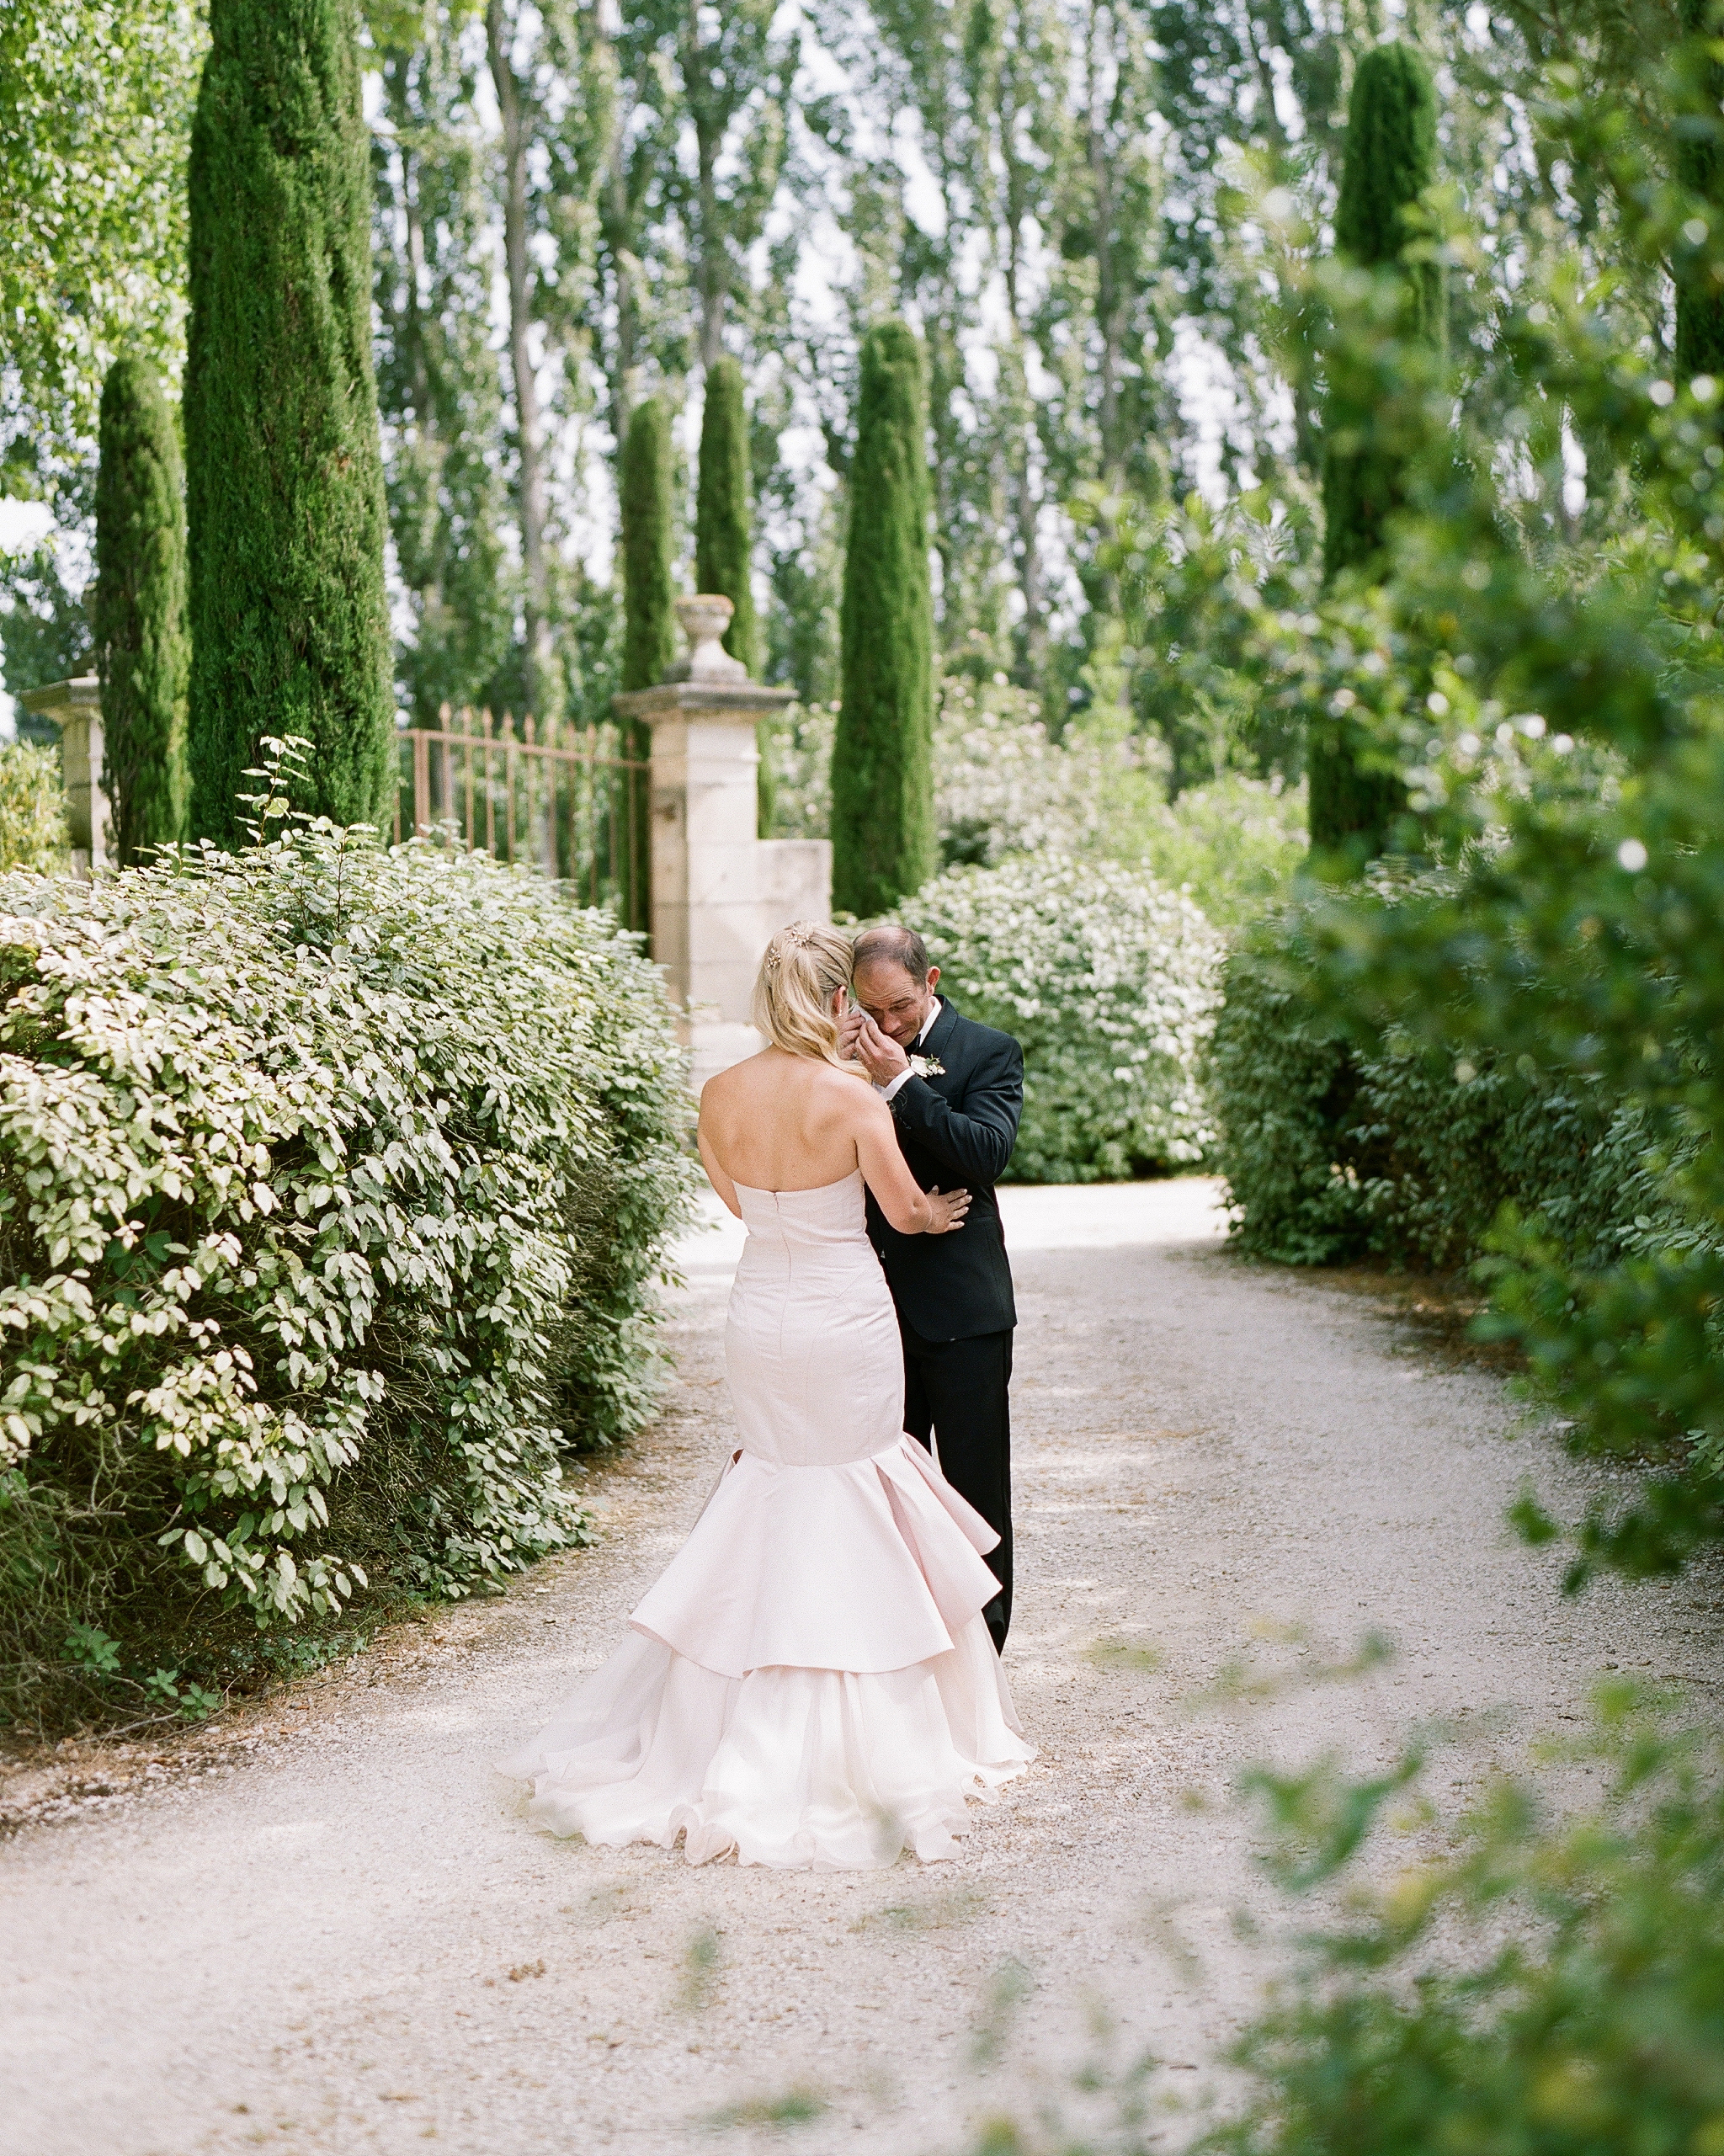 julie-chris-wedding-firstlook-0699-s12649-0216.jpg